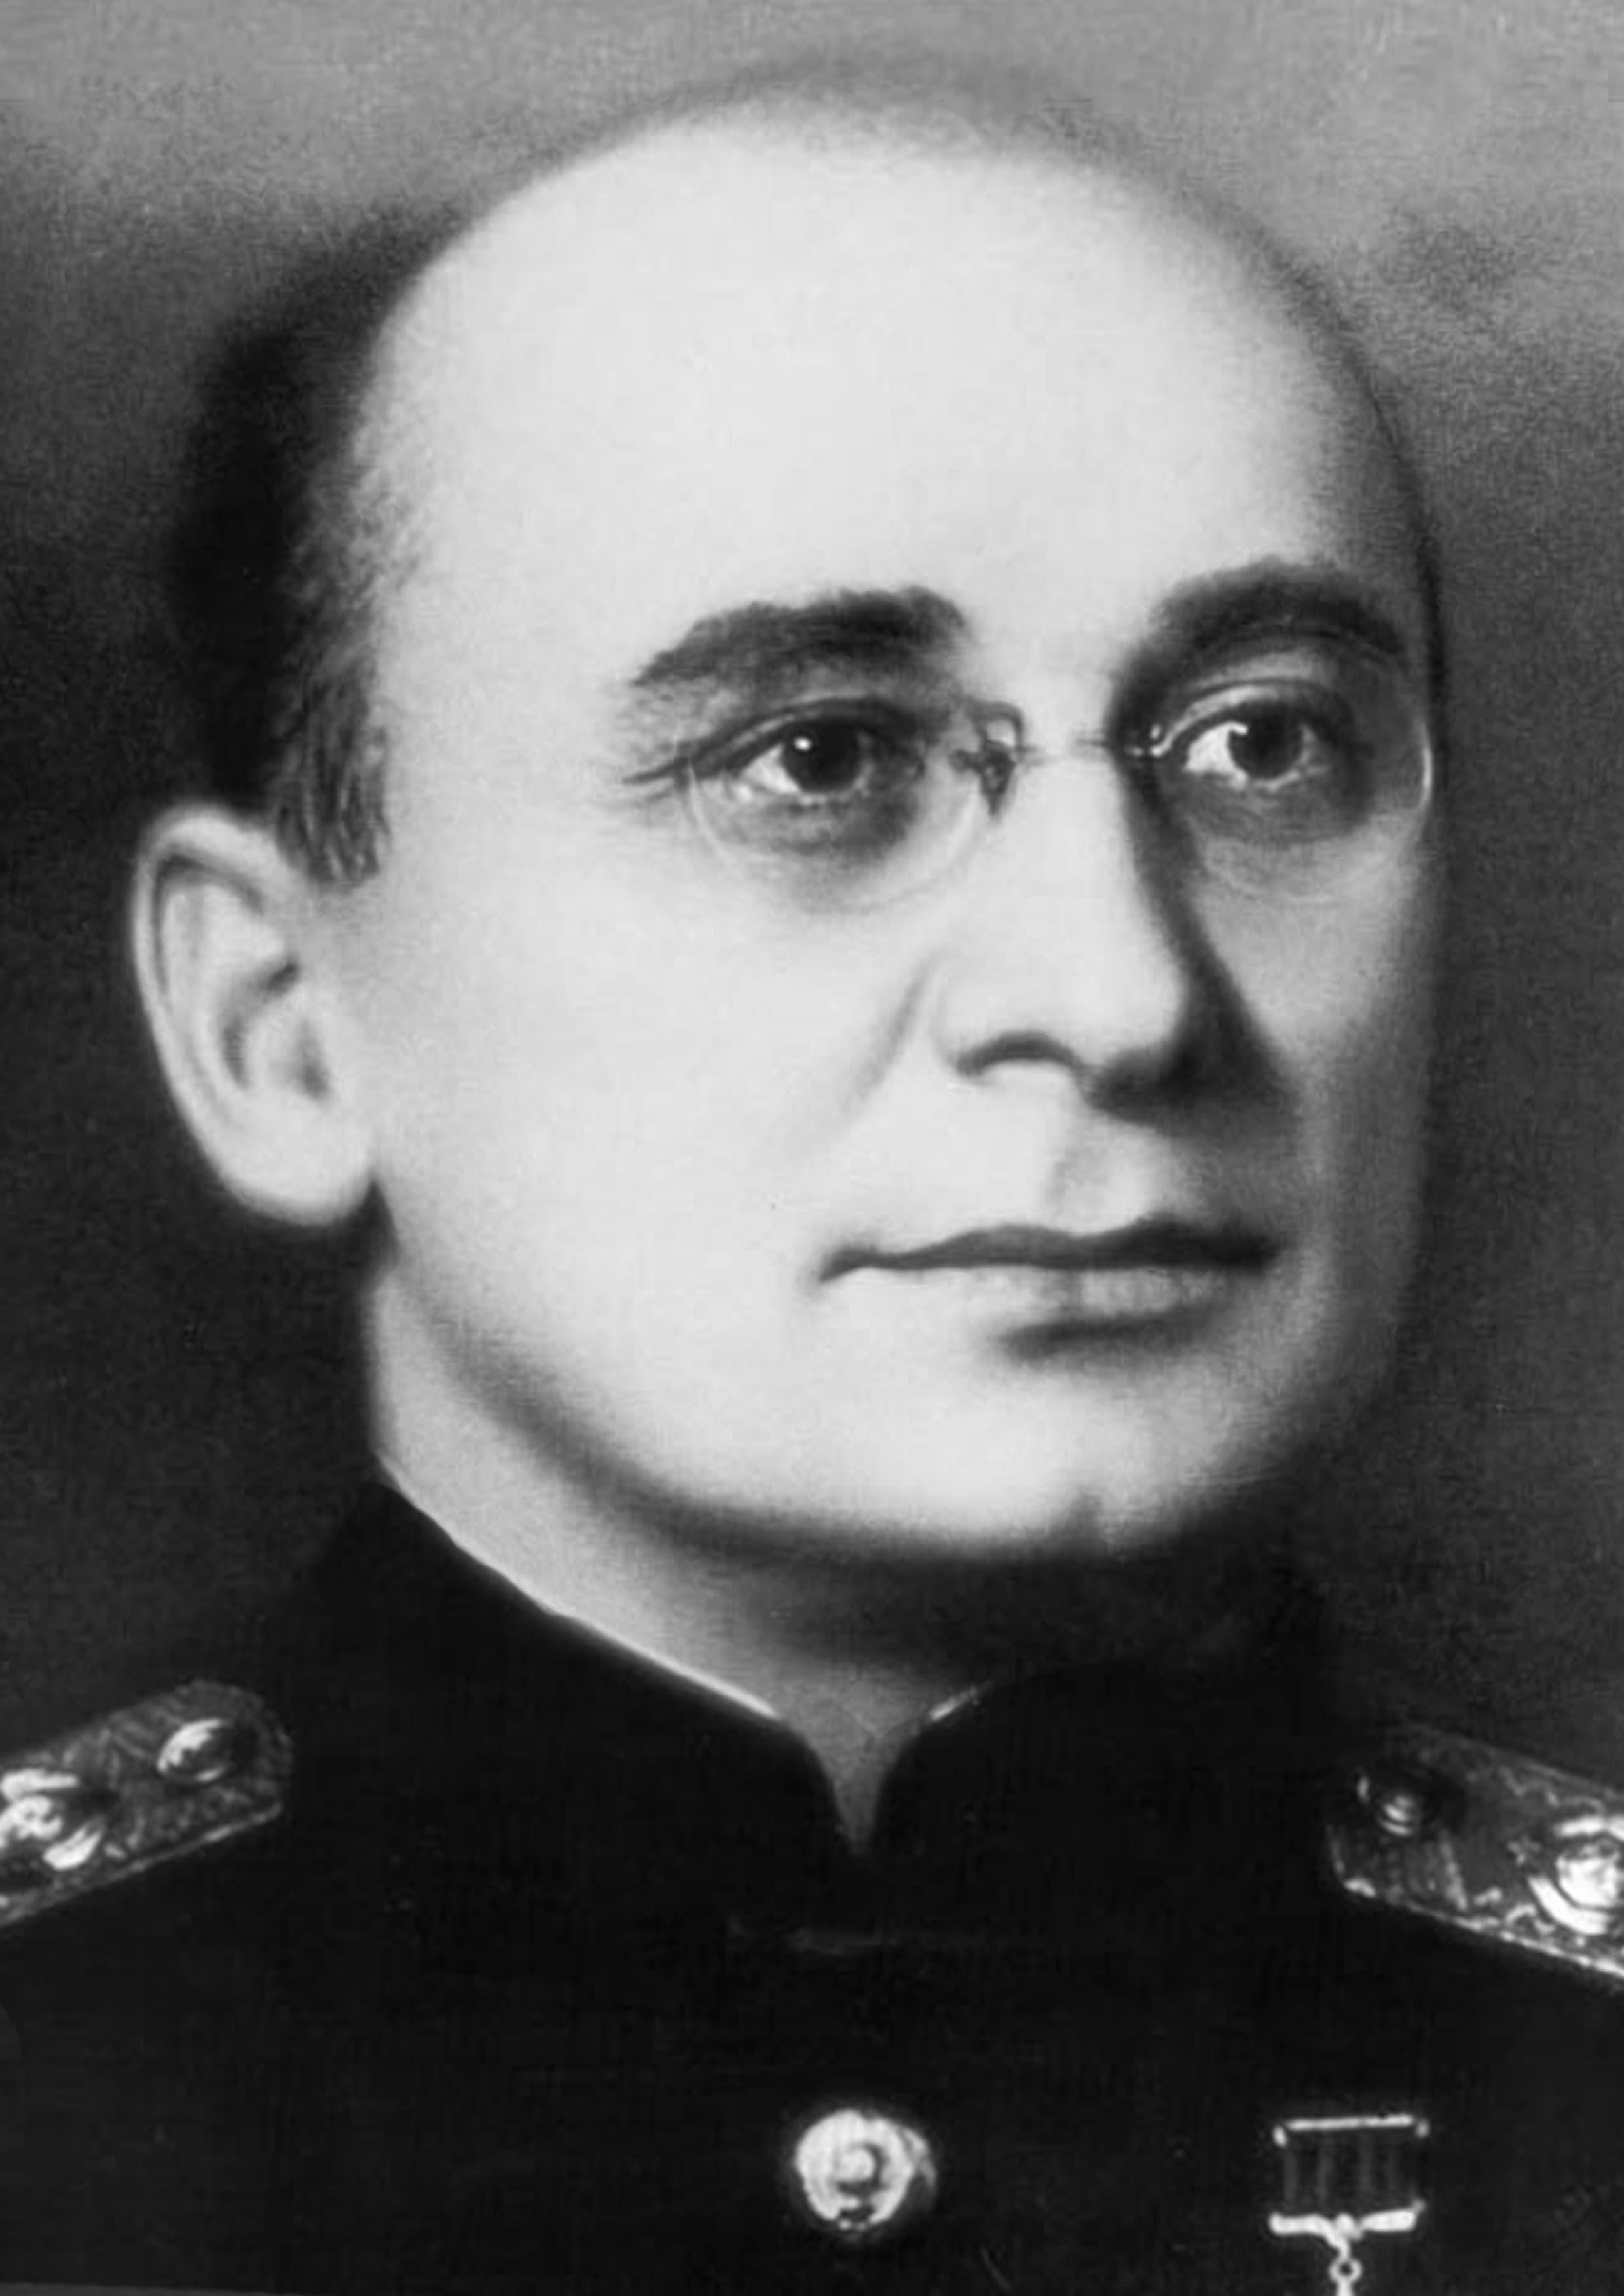 صورة للمسؤول السوفيتي لافرينيتي بيريا